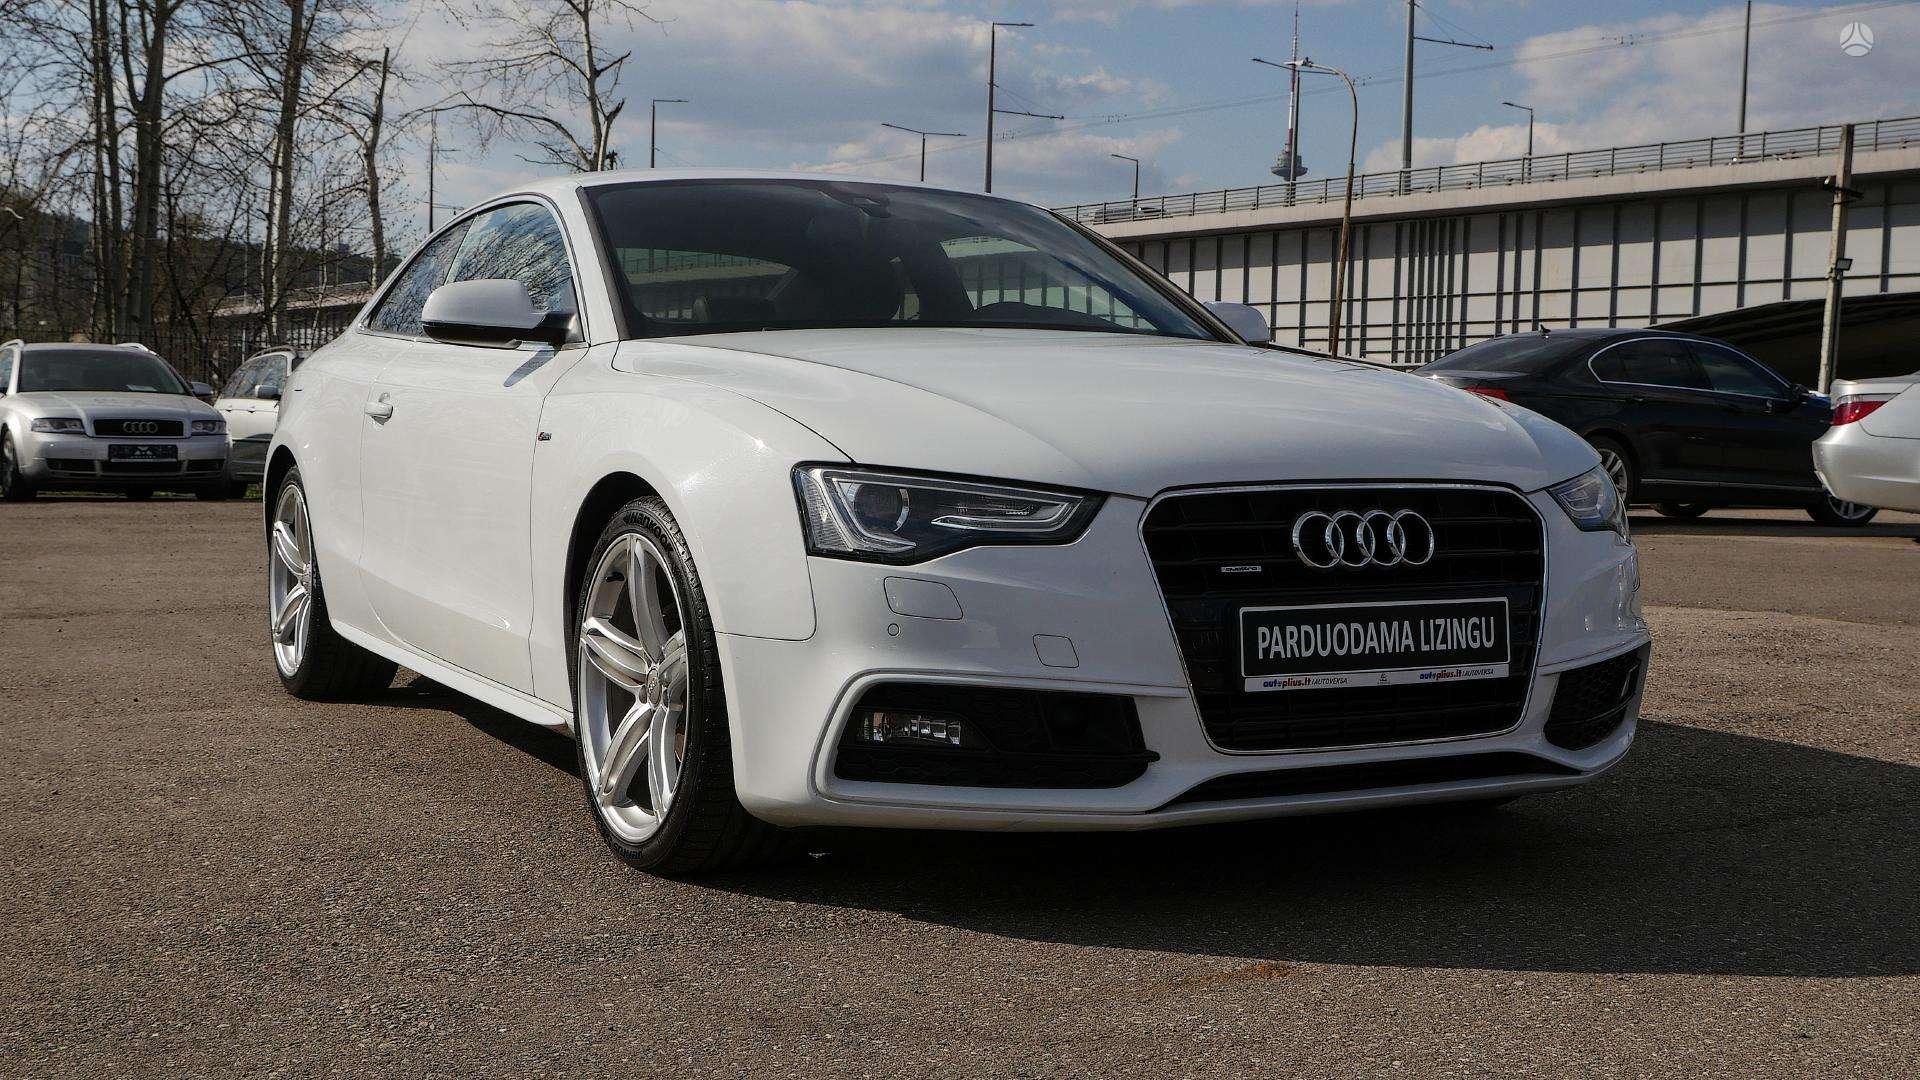 Audi A5 išsimokėtinai nuo 292Eur/Mėn su 3 mėnesių garantija